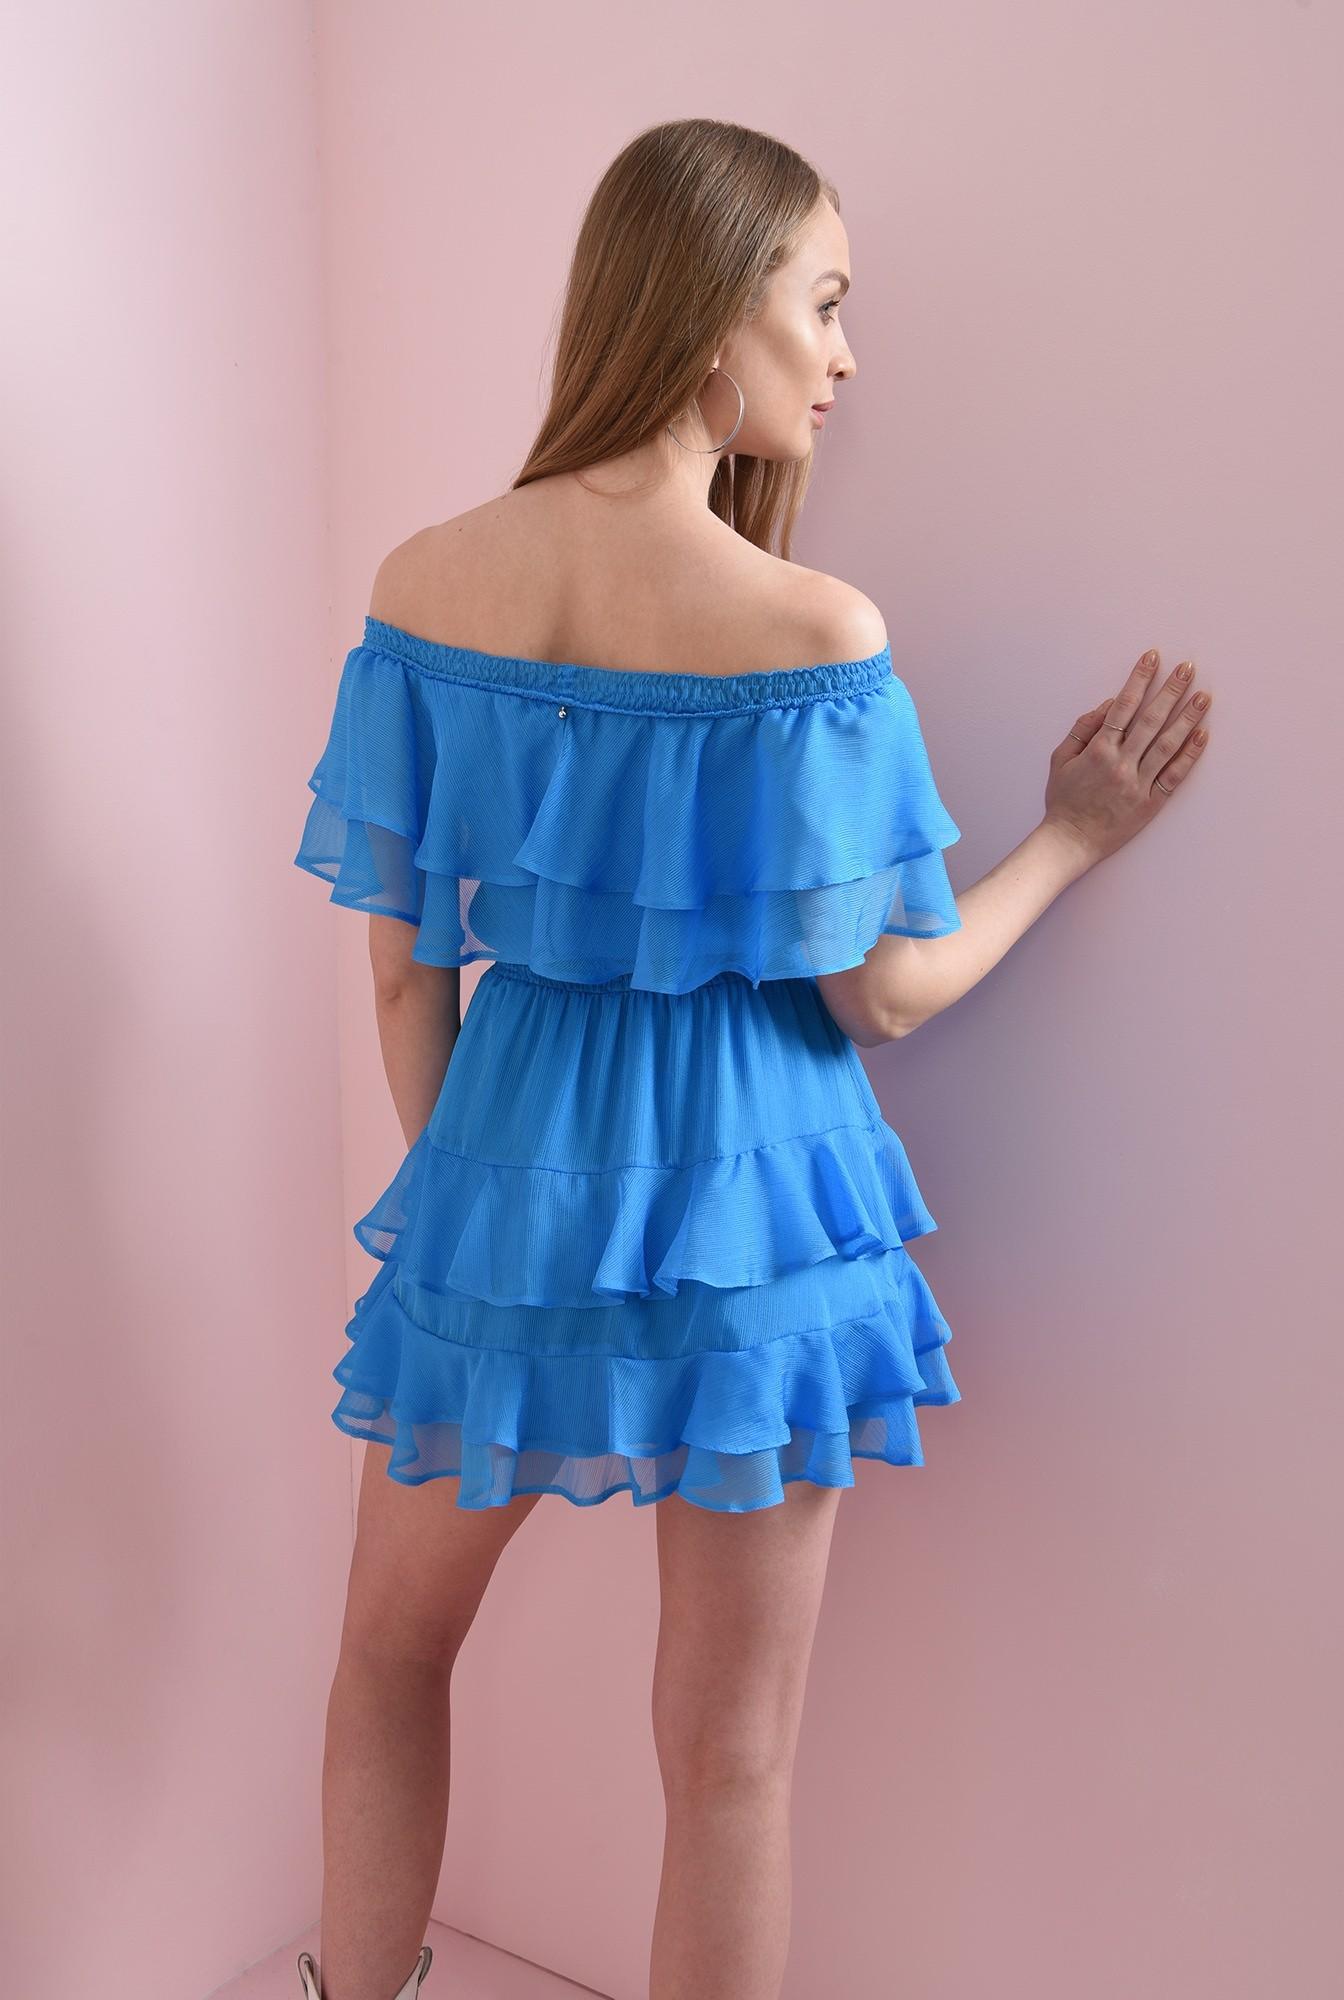 1 - rochie albastra, evazata, cu volane